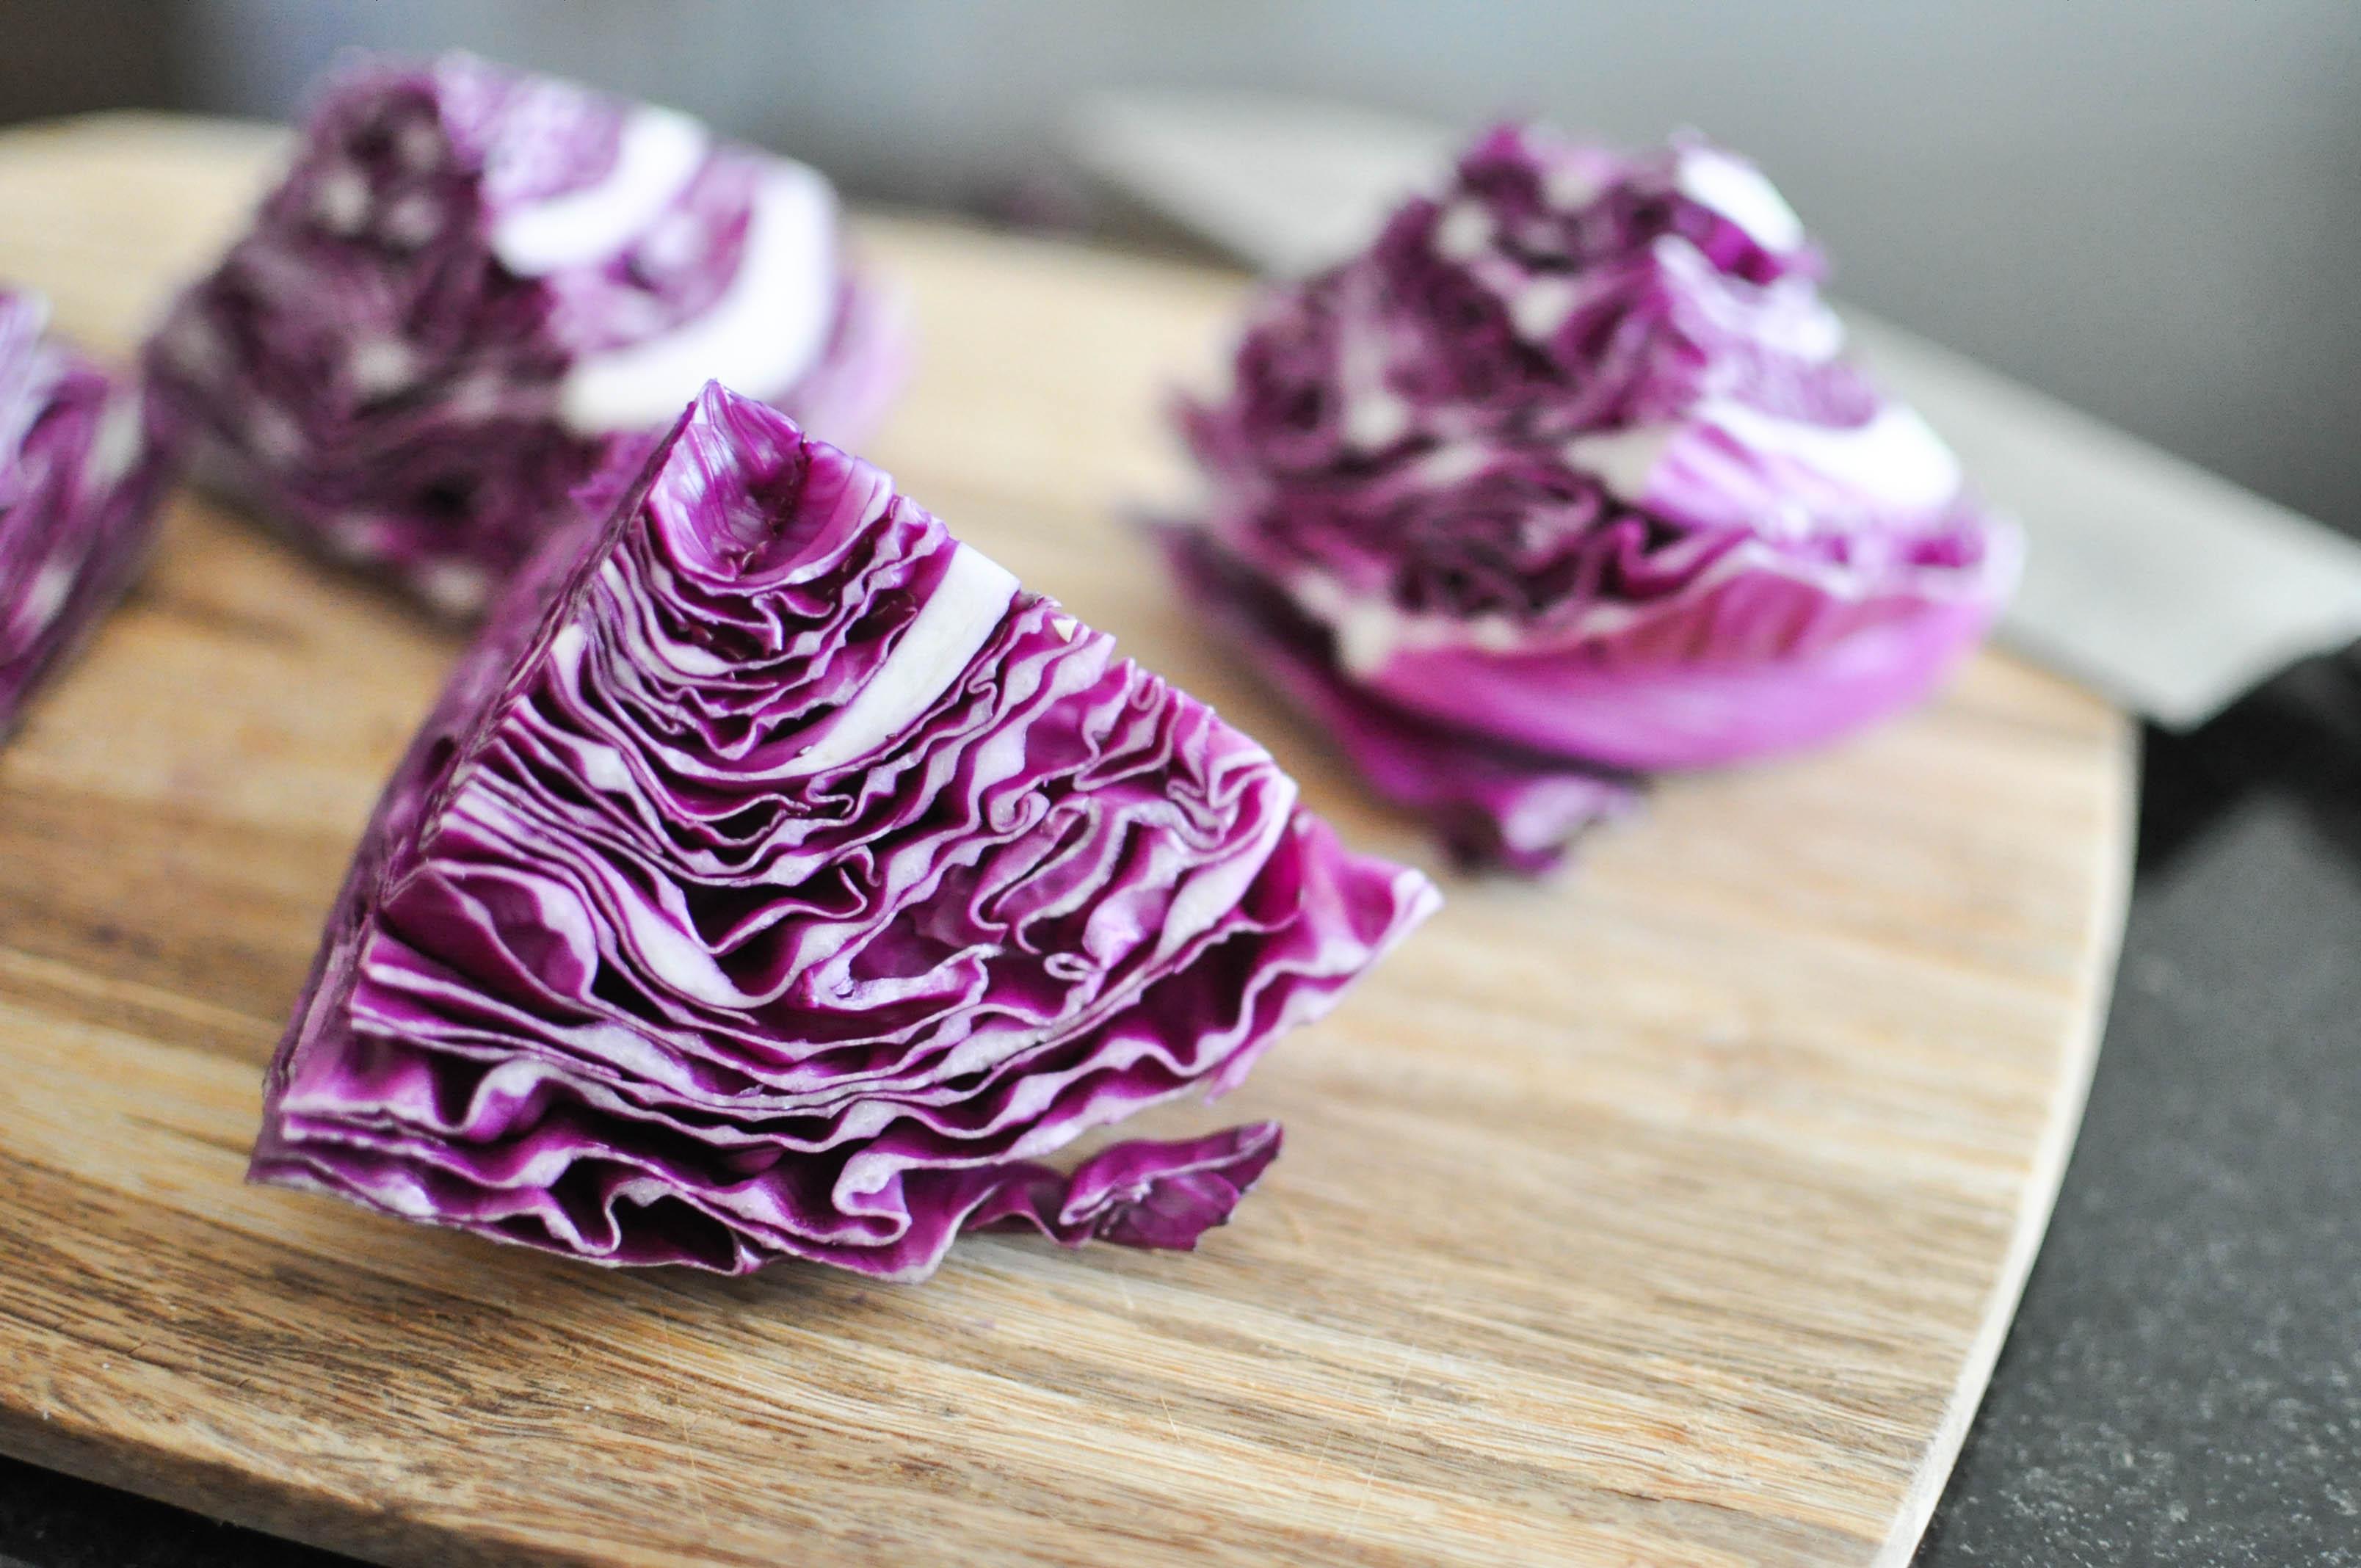 5 loại thực phẩm màu tím được ưa chuộng trên thế giới bởi chứa hàm lượng dinh dưỡng cực cao - Ảnh 2.